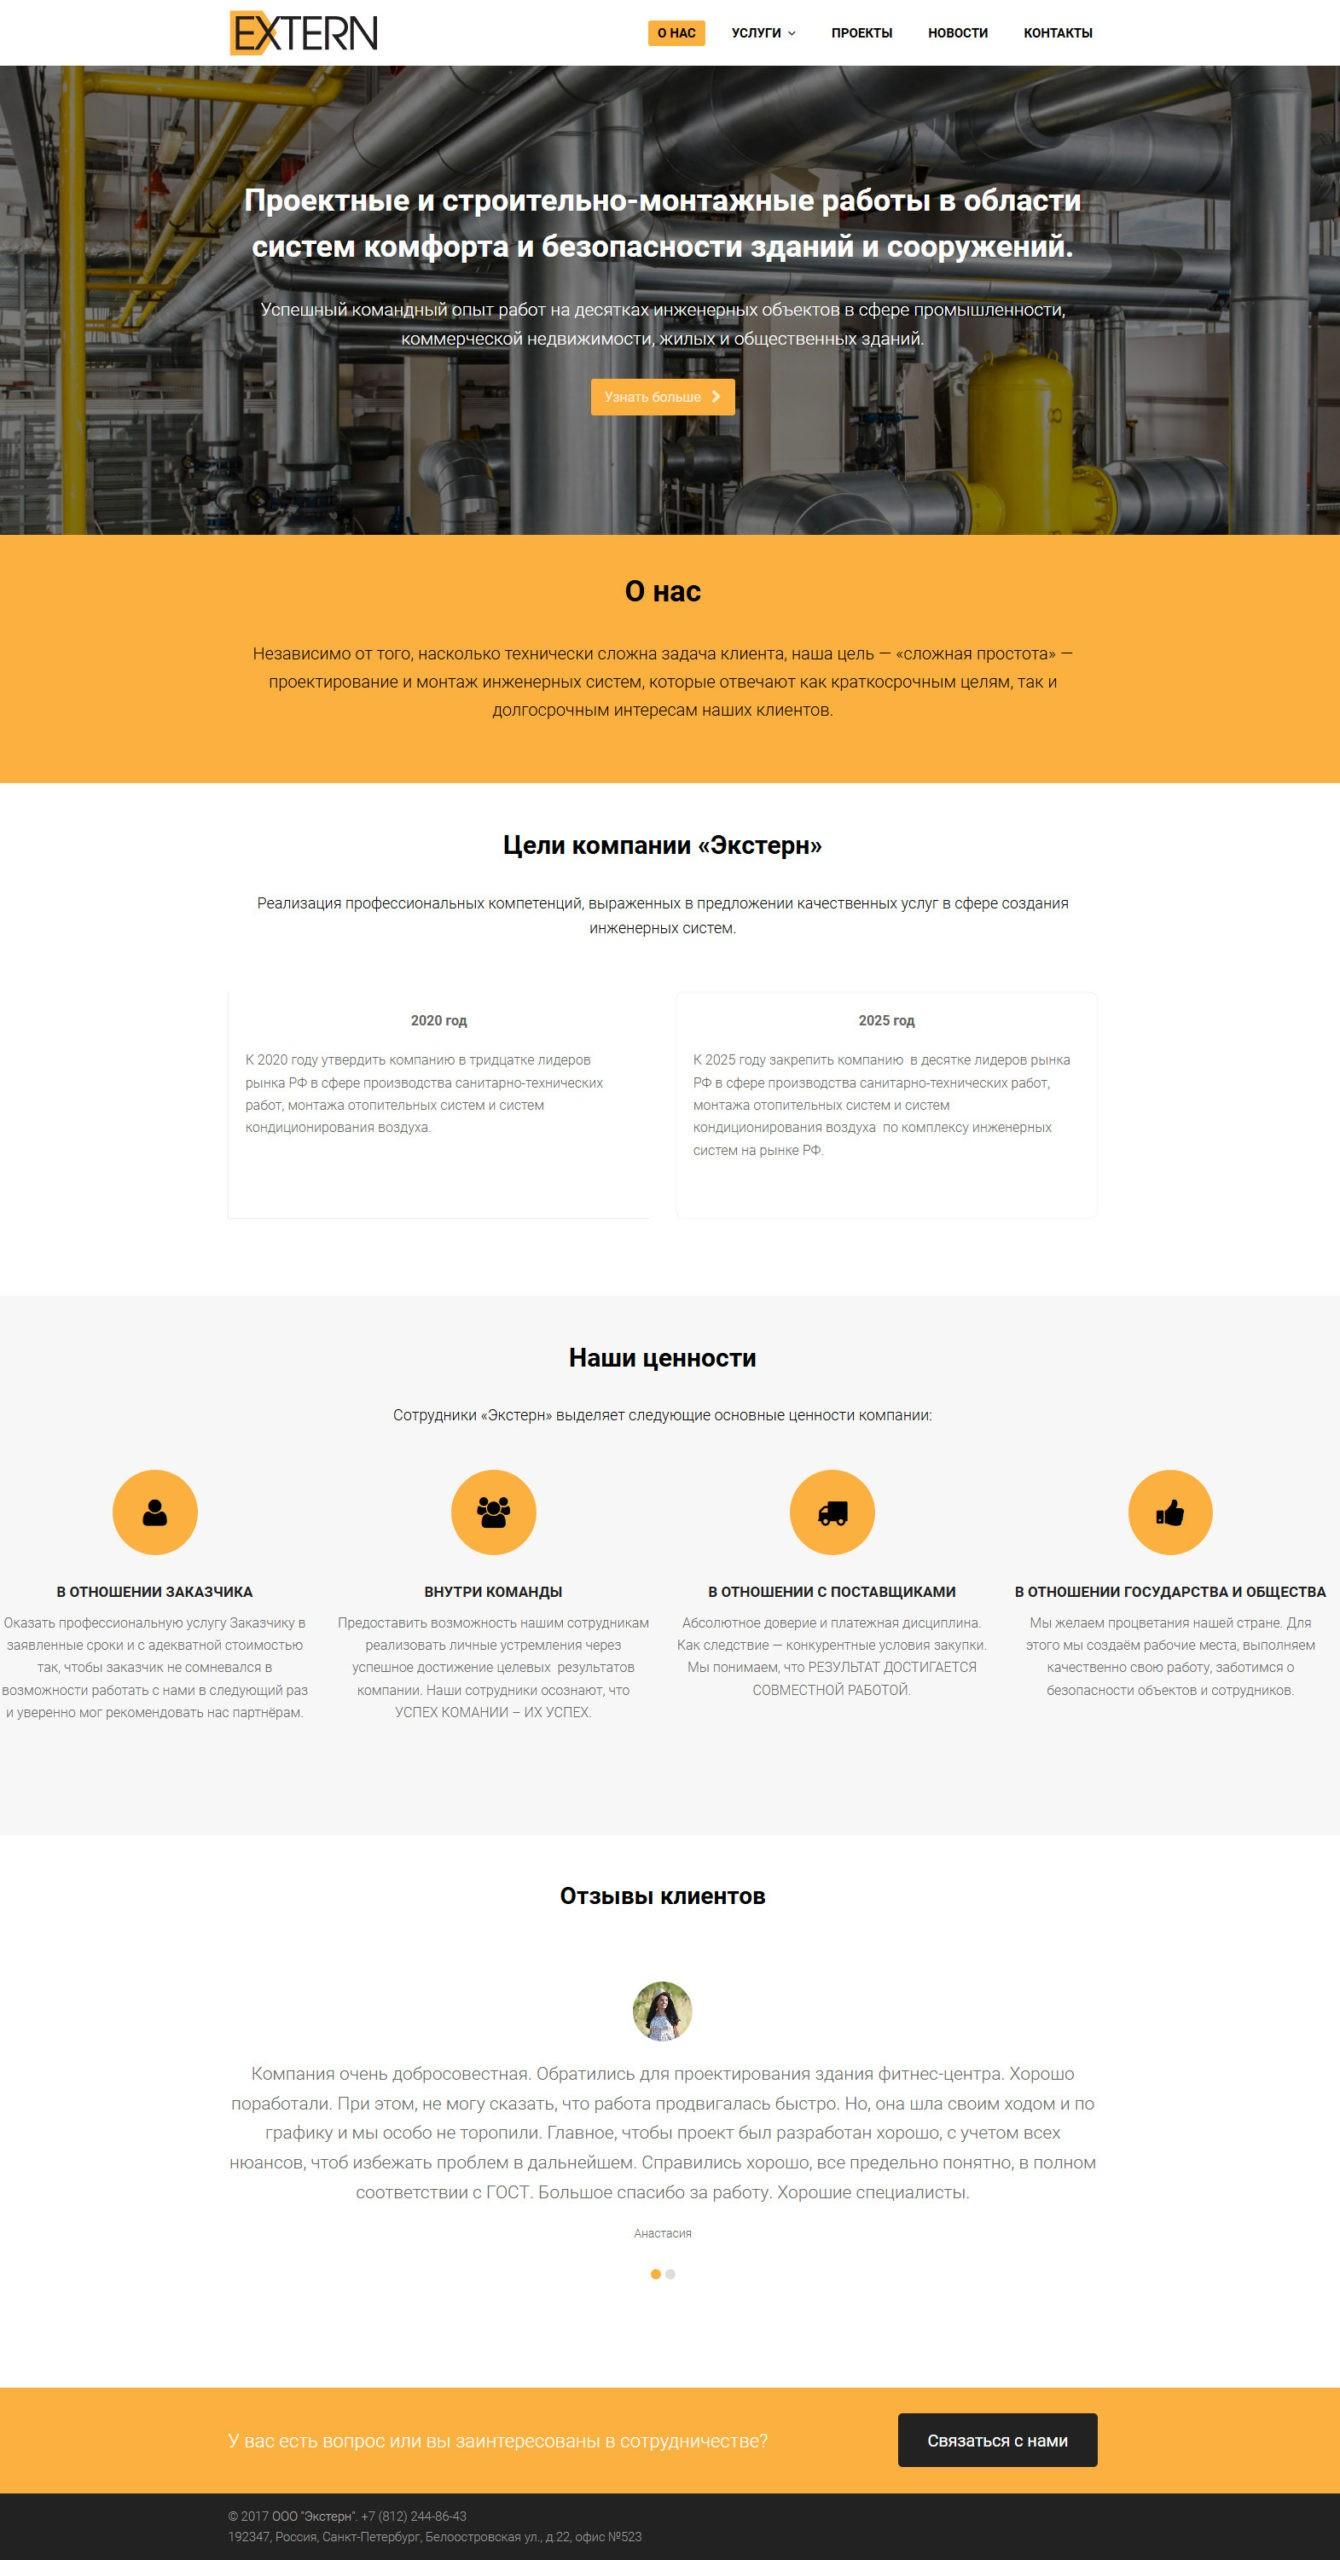 создание сайта проектной компании extern